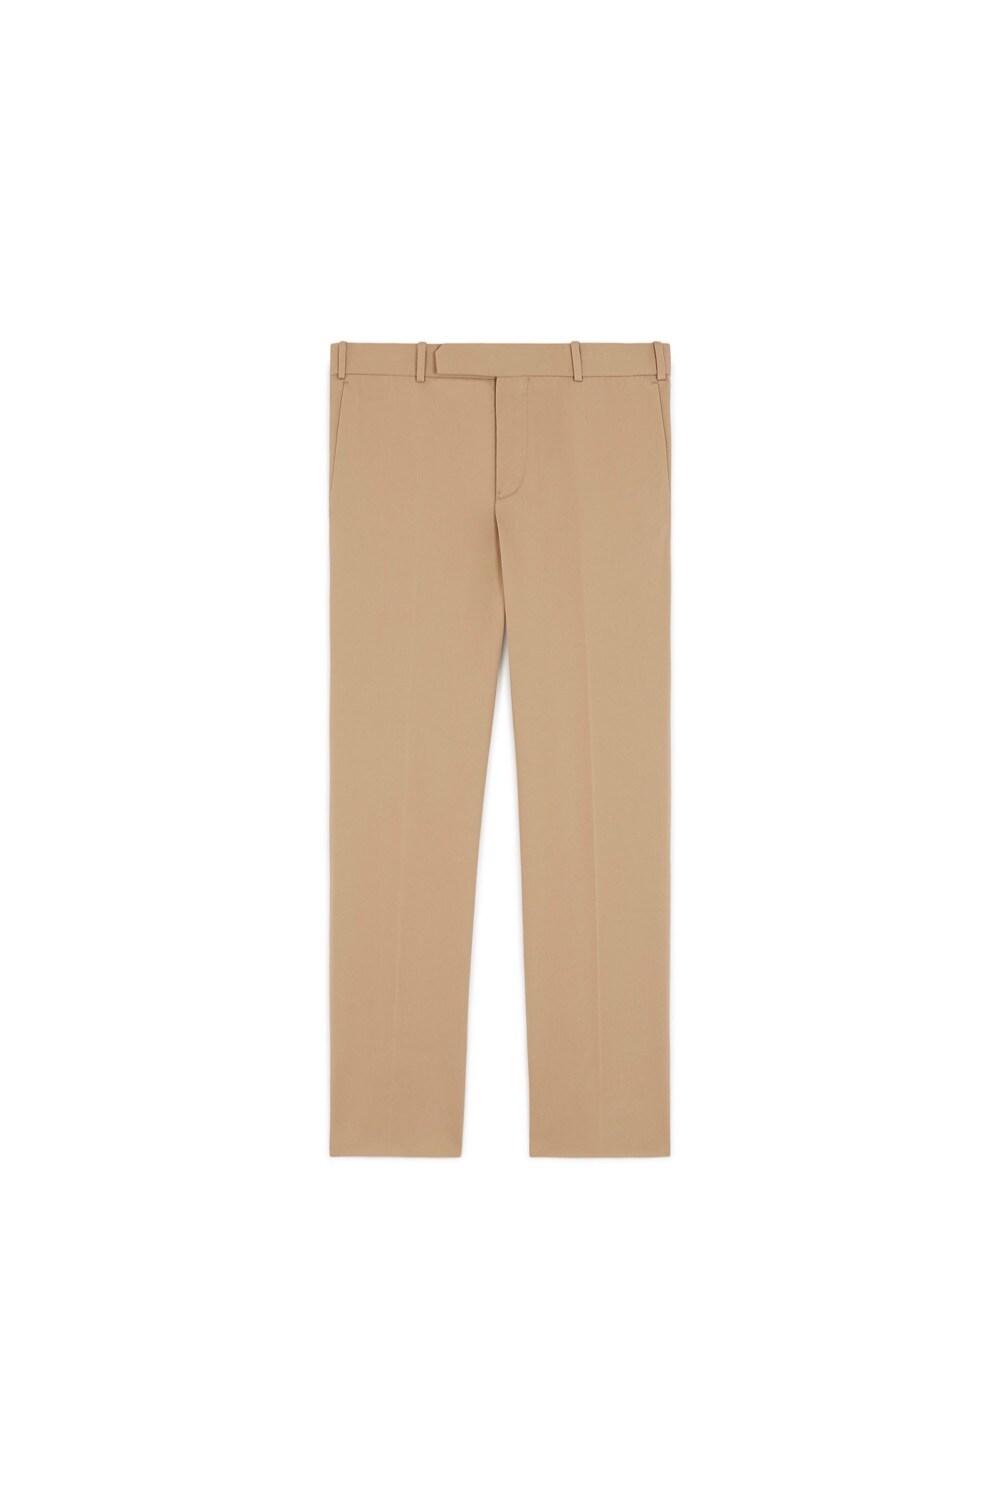 berluti_pantaloni